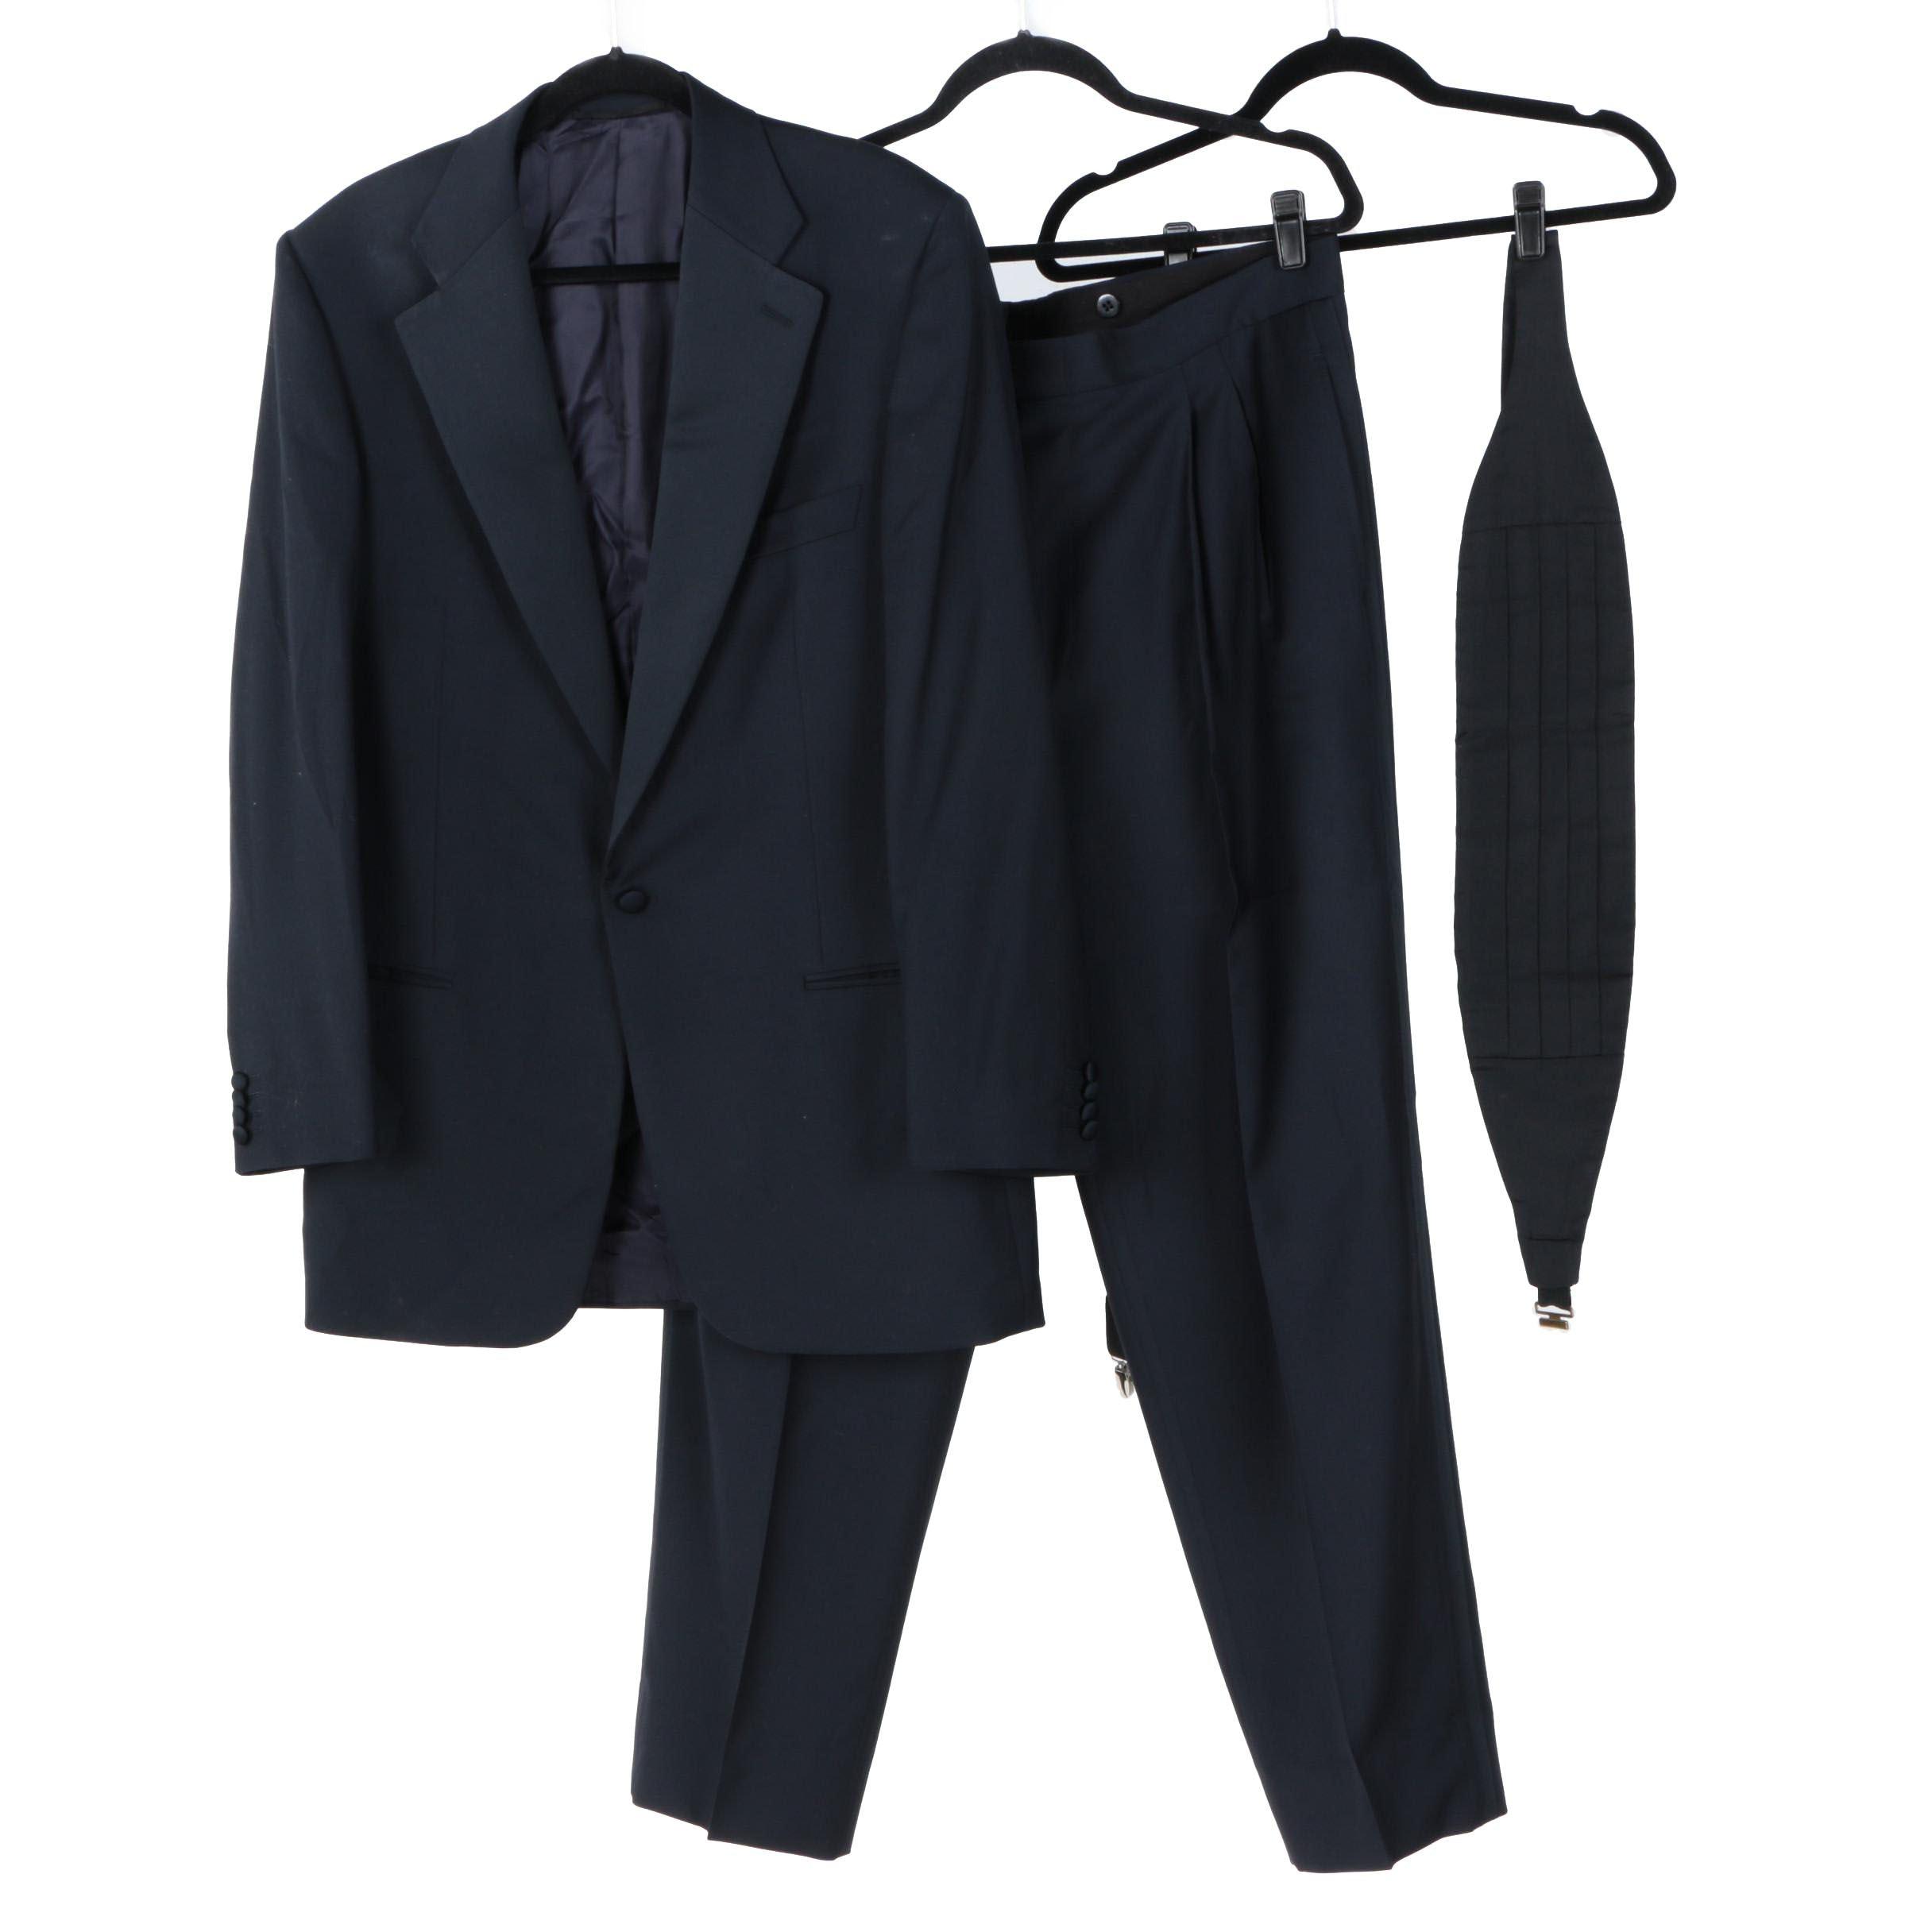 Ermenegildo Zegna Men's Tuxedo Suit